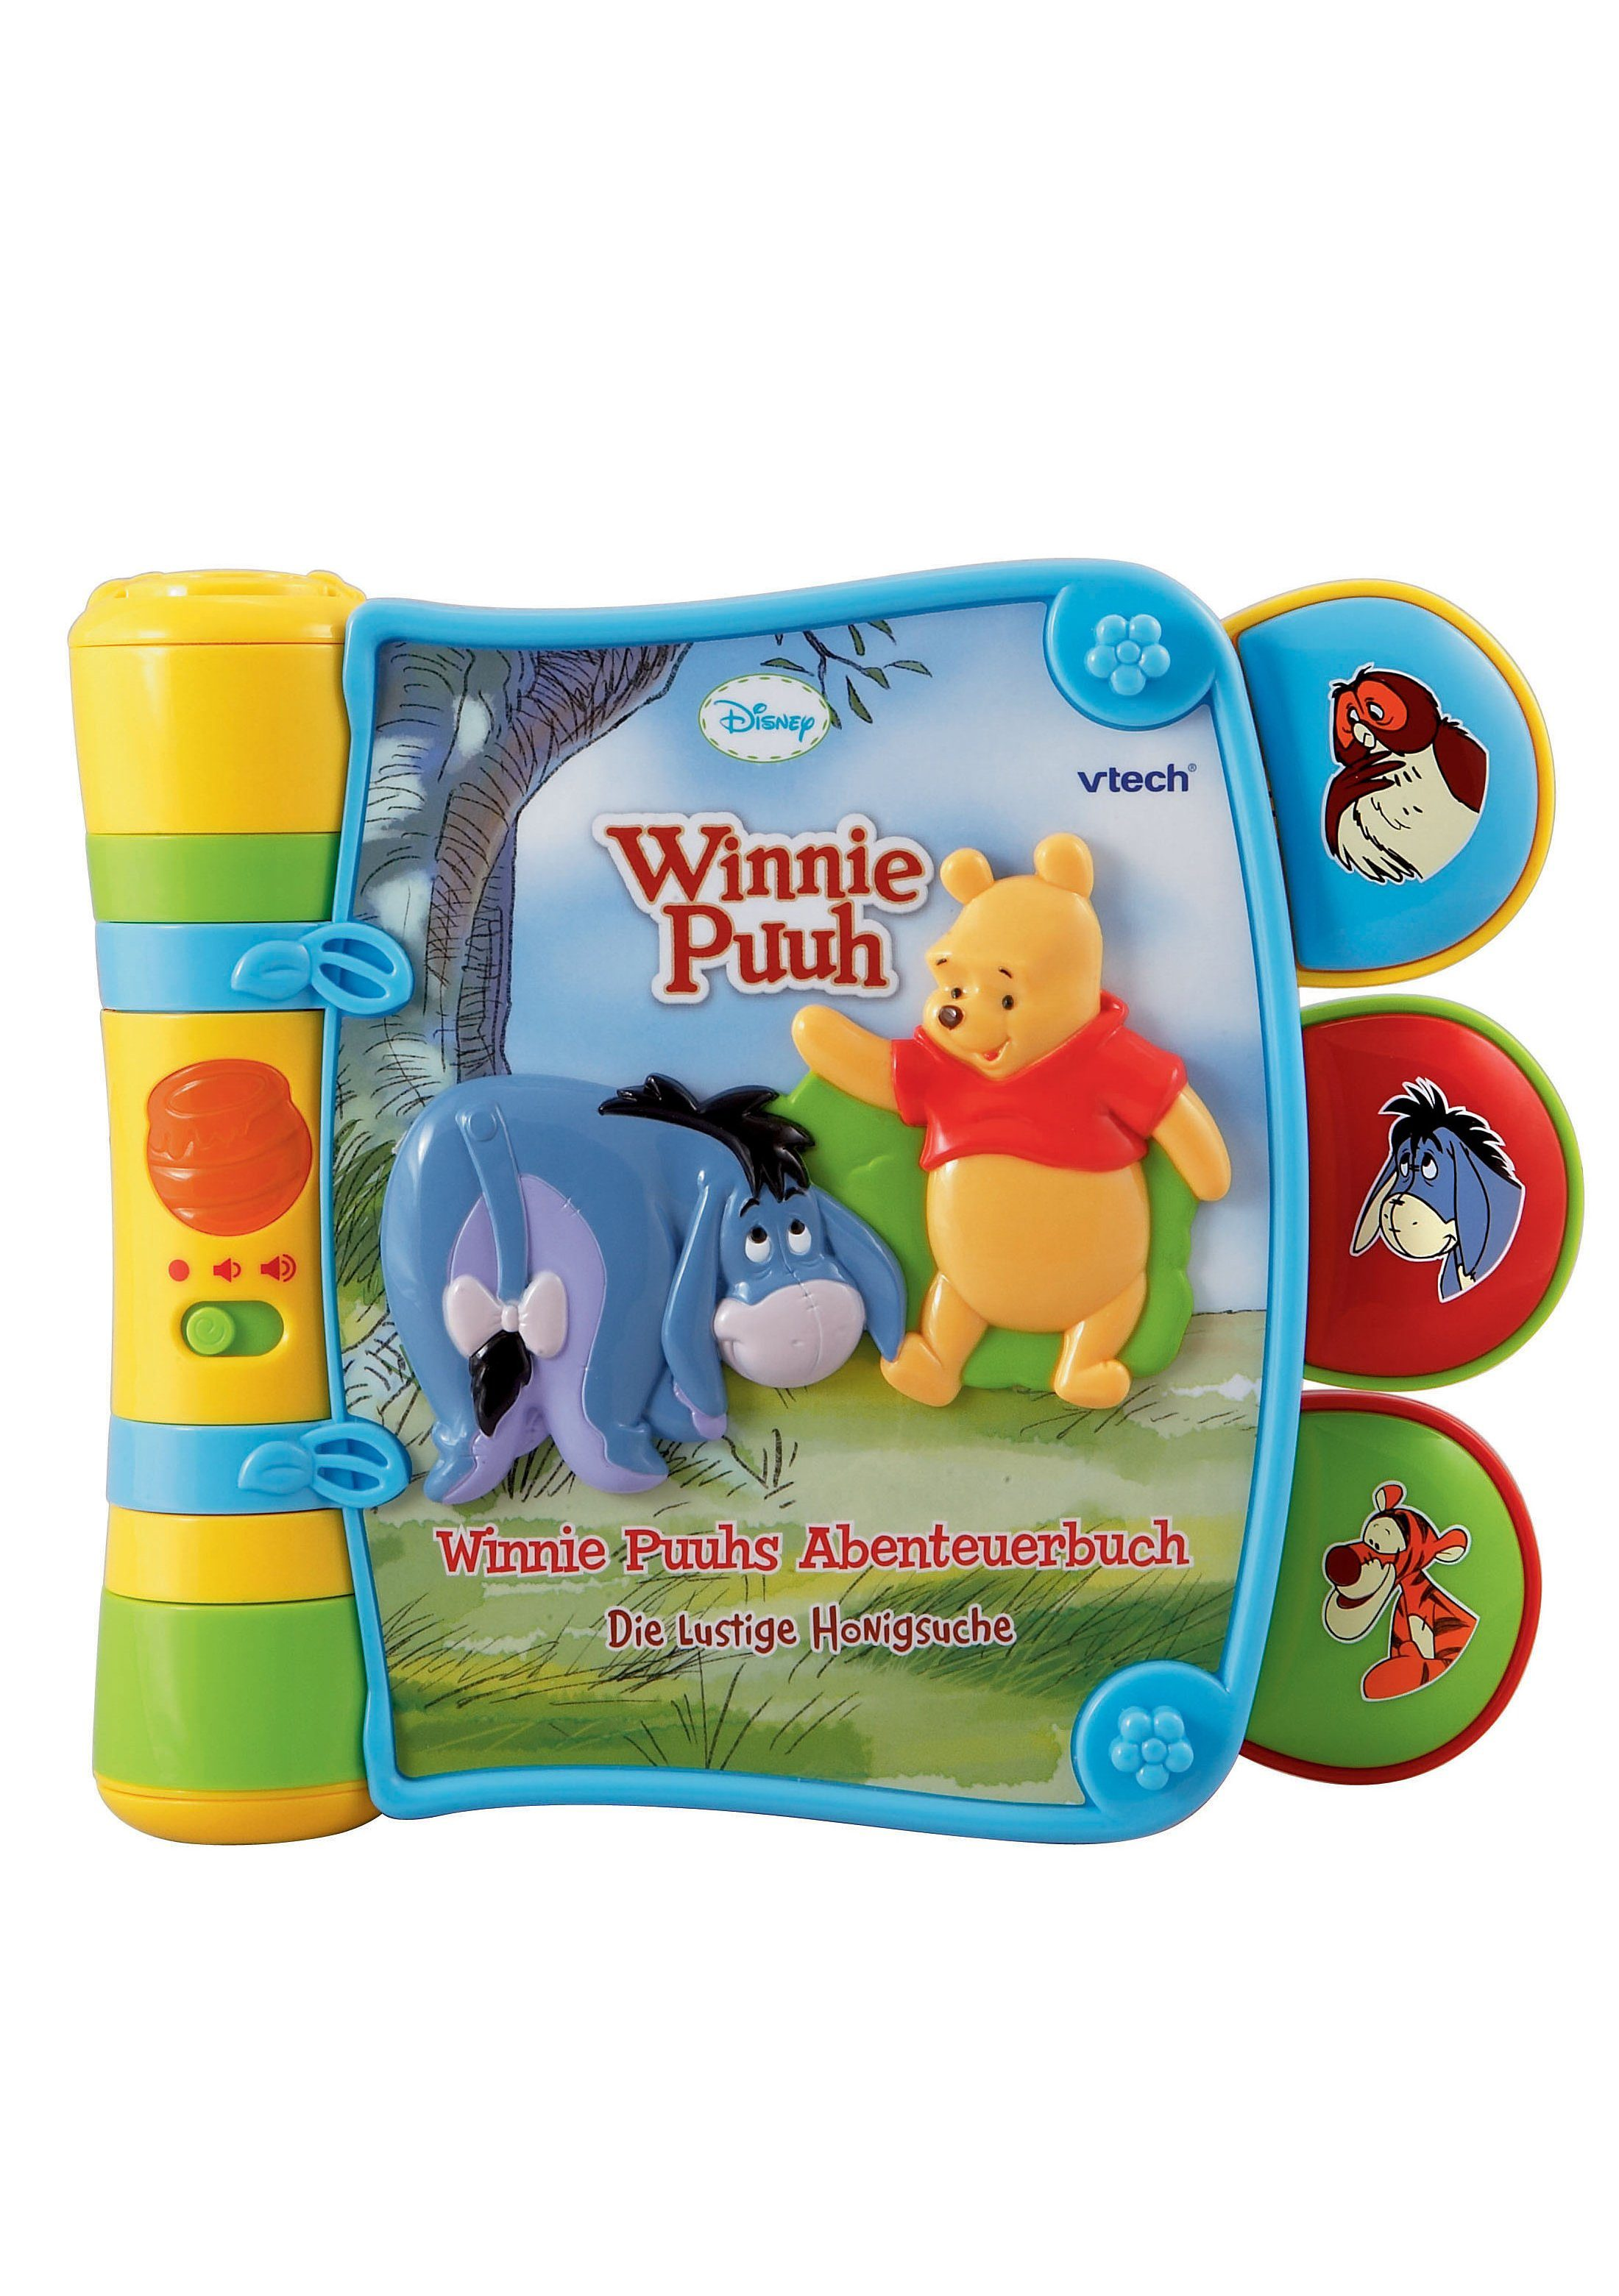 VTech Winnie Puuhs Abenteuerbuch, »Die lustige Honigsuche«